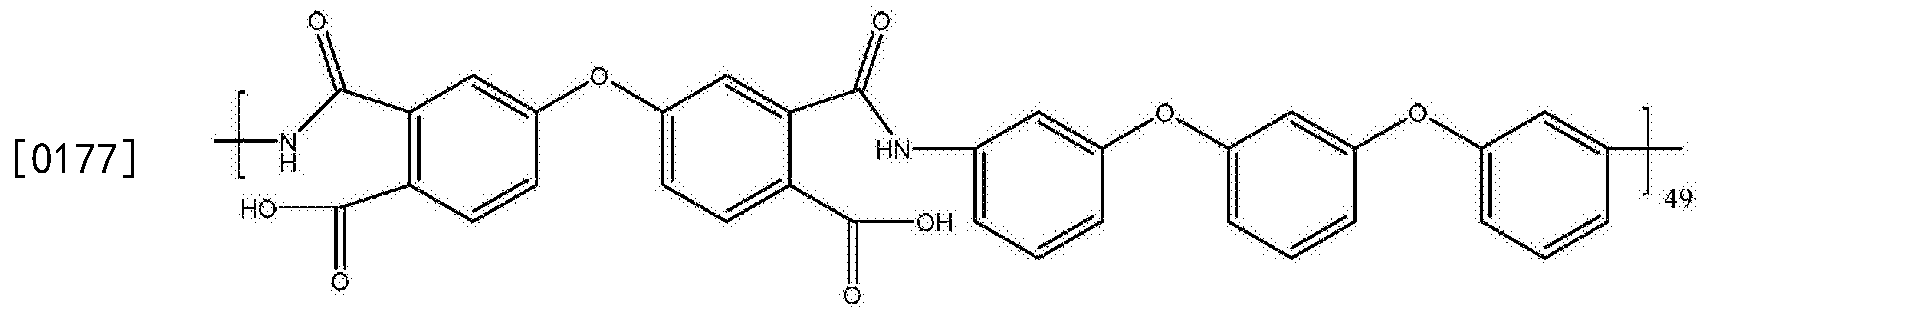 Figure CN104829837BD00213